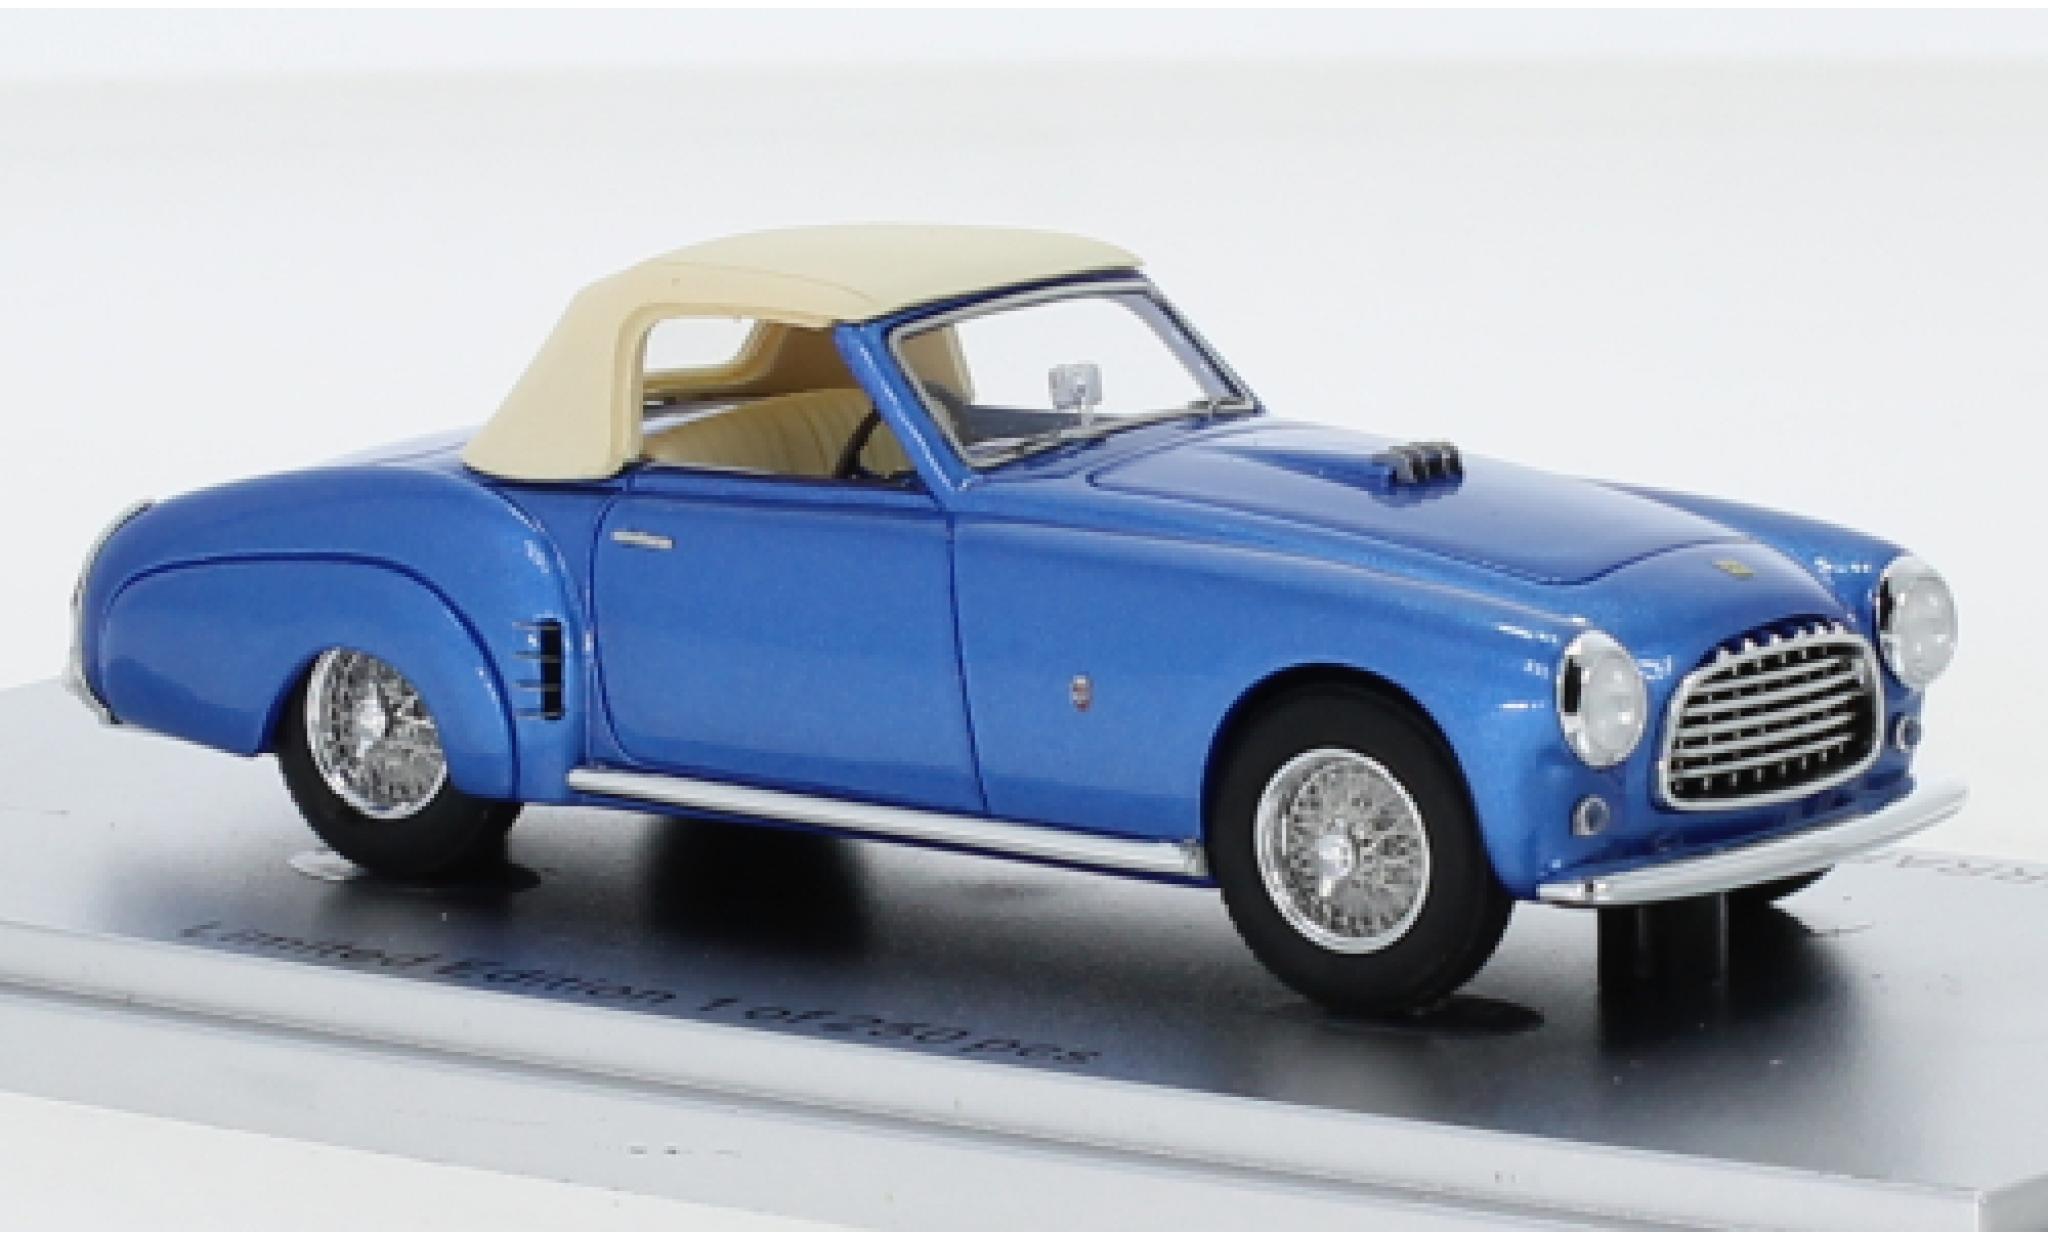 Ferrari 212 1/43 Kess Inter Ghia Cabriolet metallise bleue RHD 1952 Verdeck fermé châssis No.0233eu